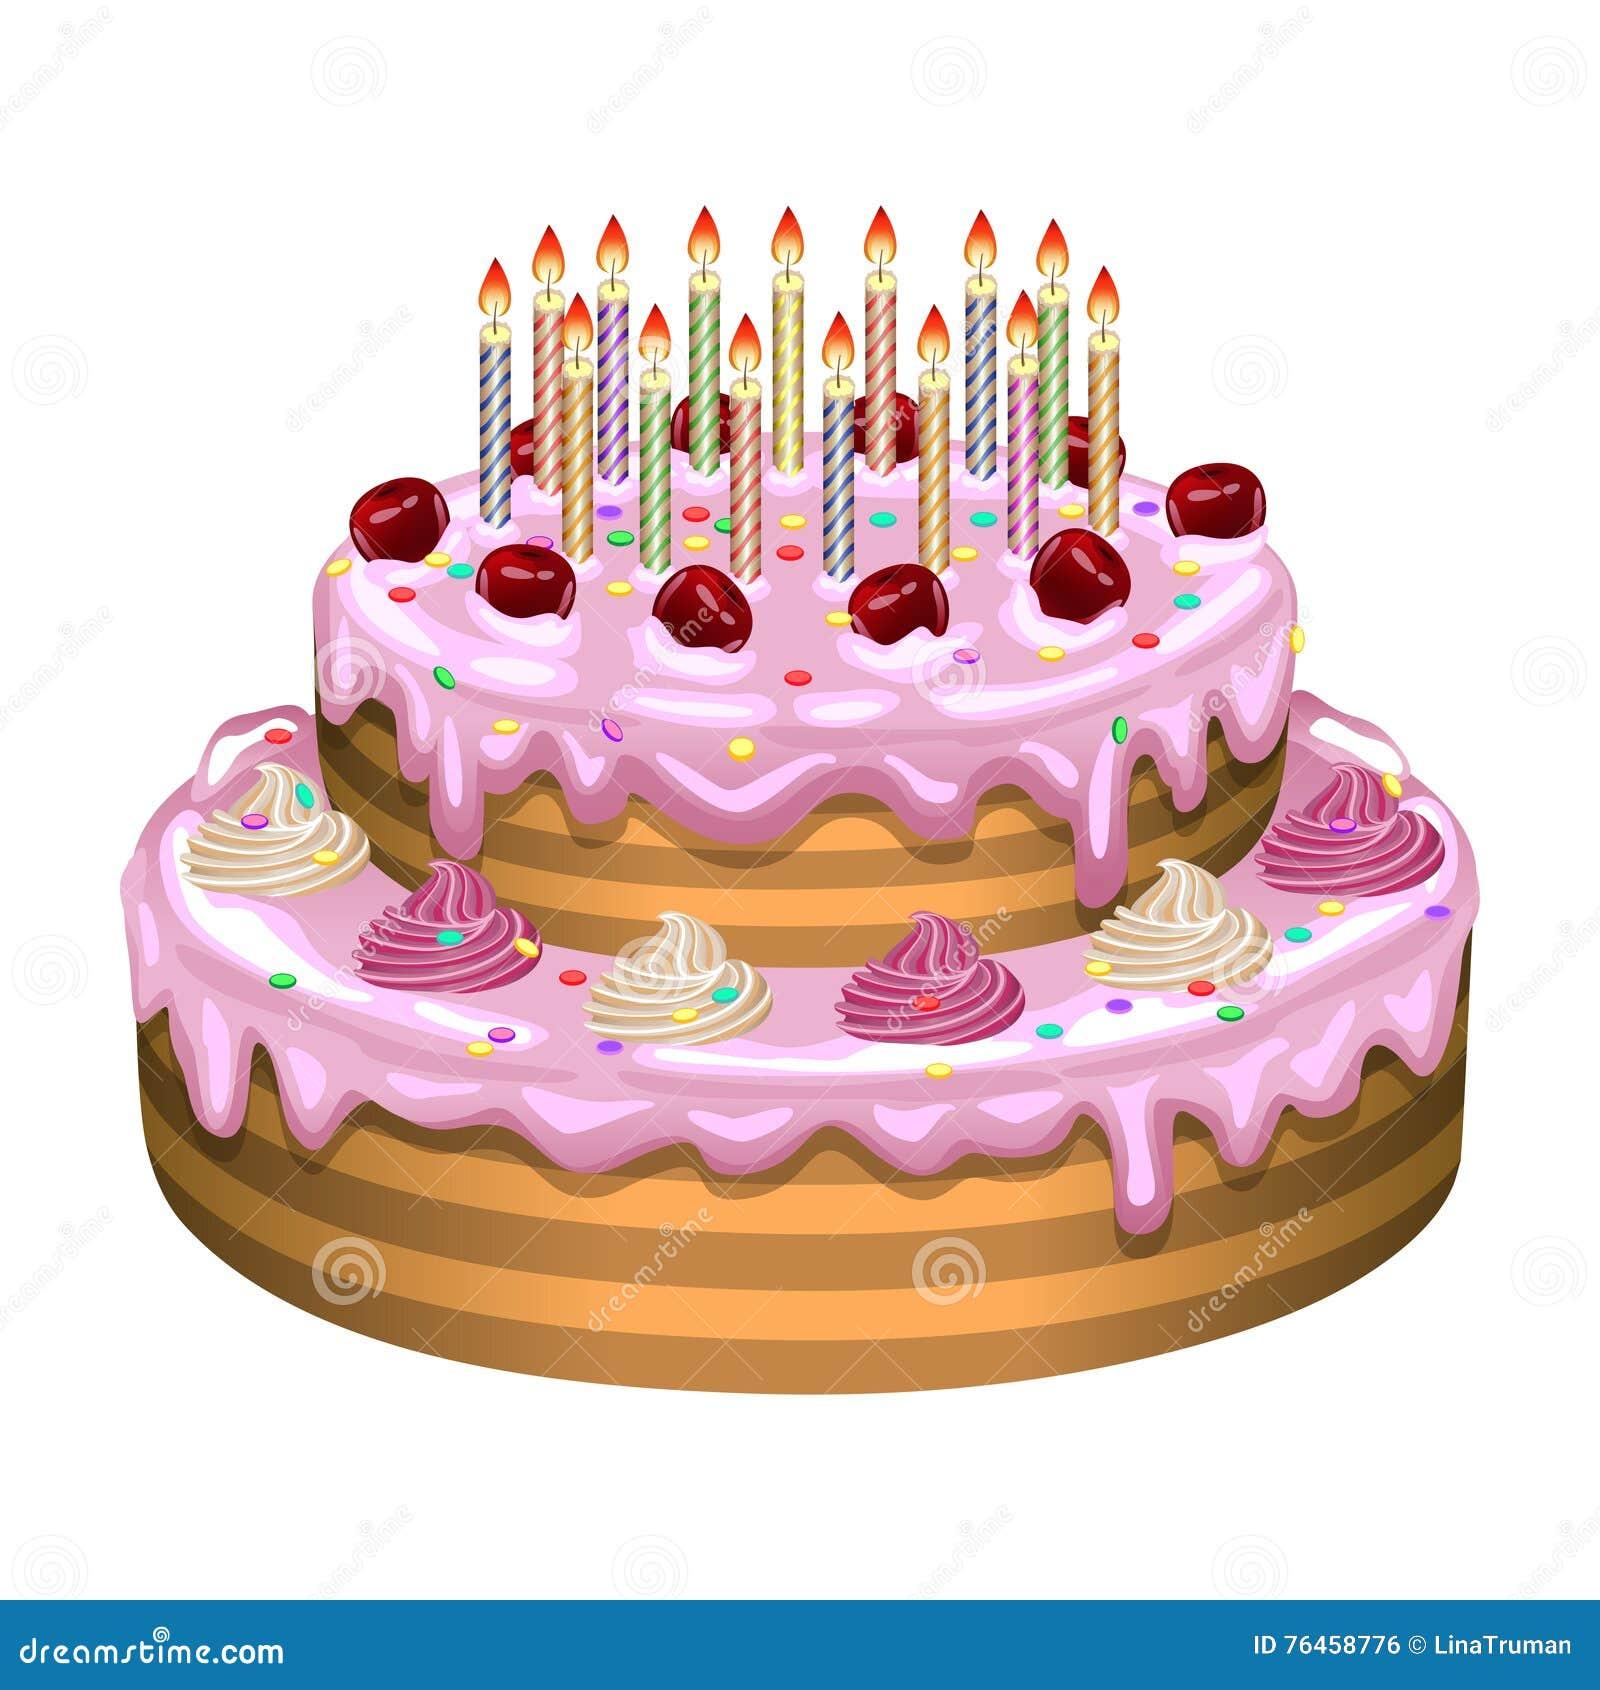 Perfecto Página Para Colorear Torta De Cumpleaños Regalo - Dibujos ...